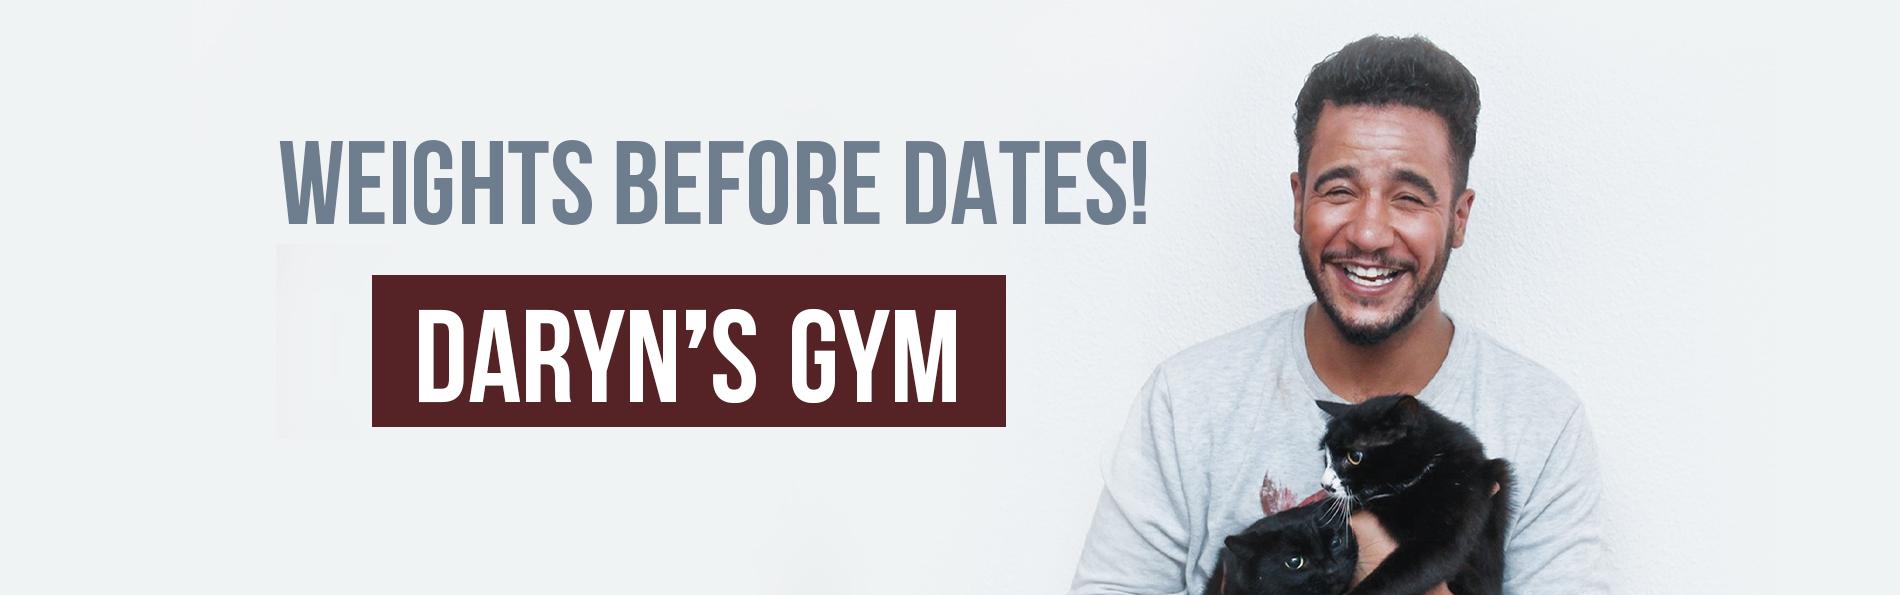 Darryn's Gym